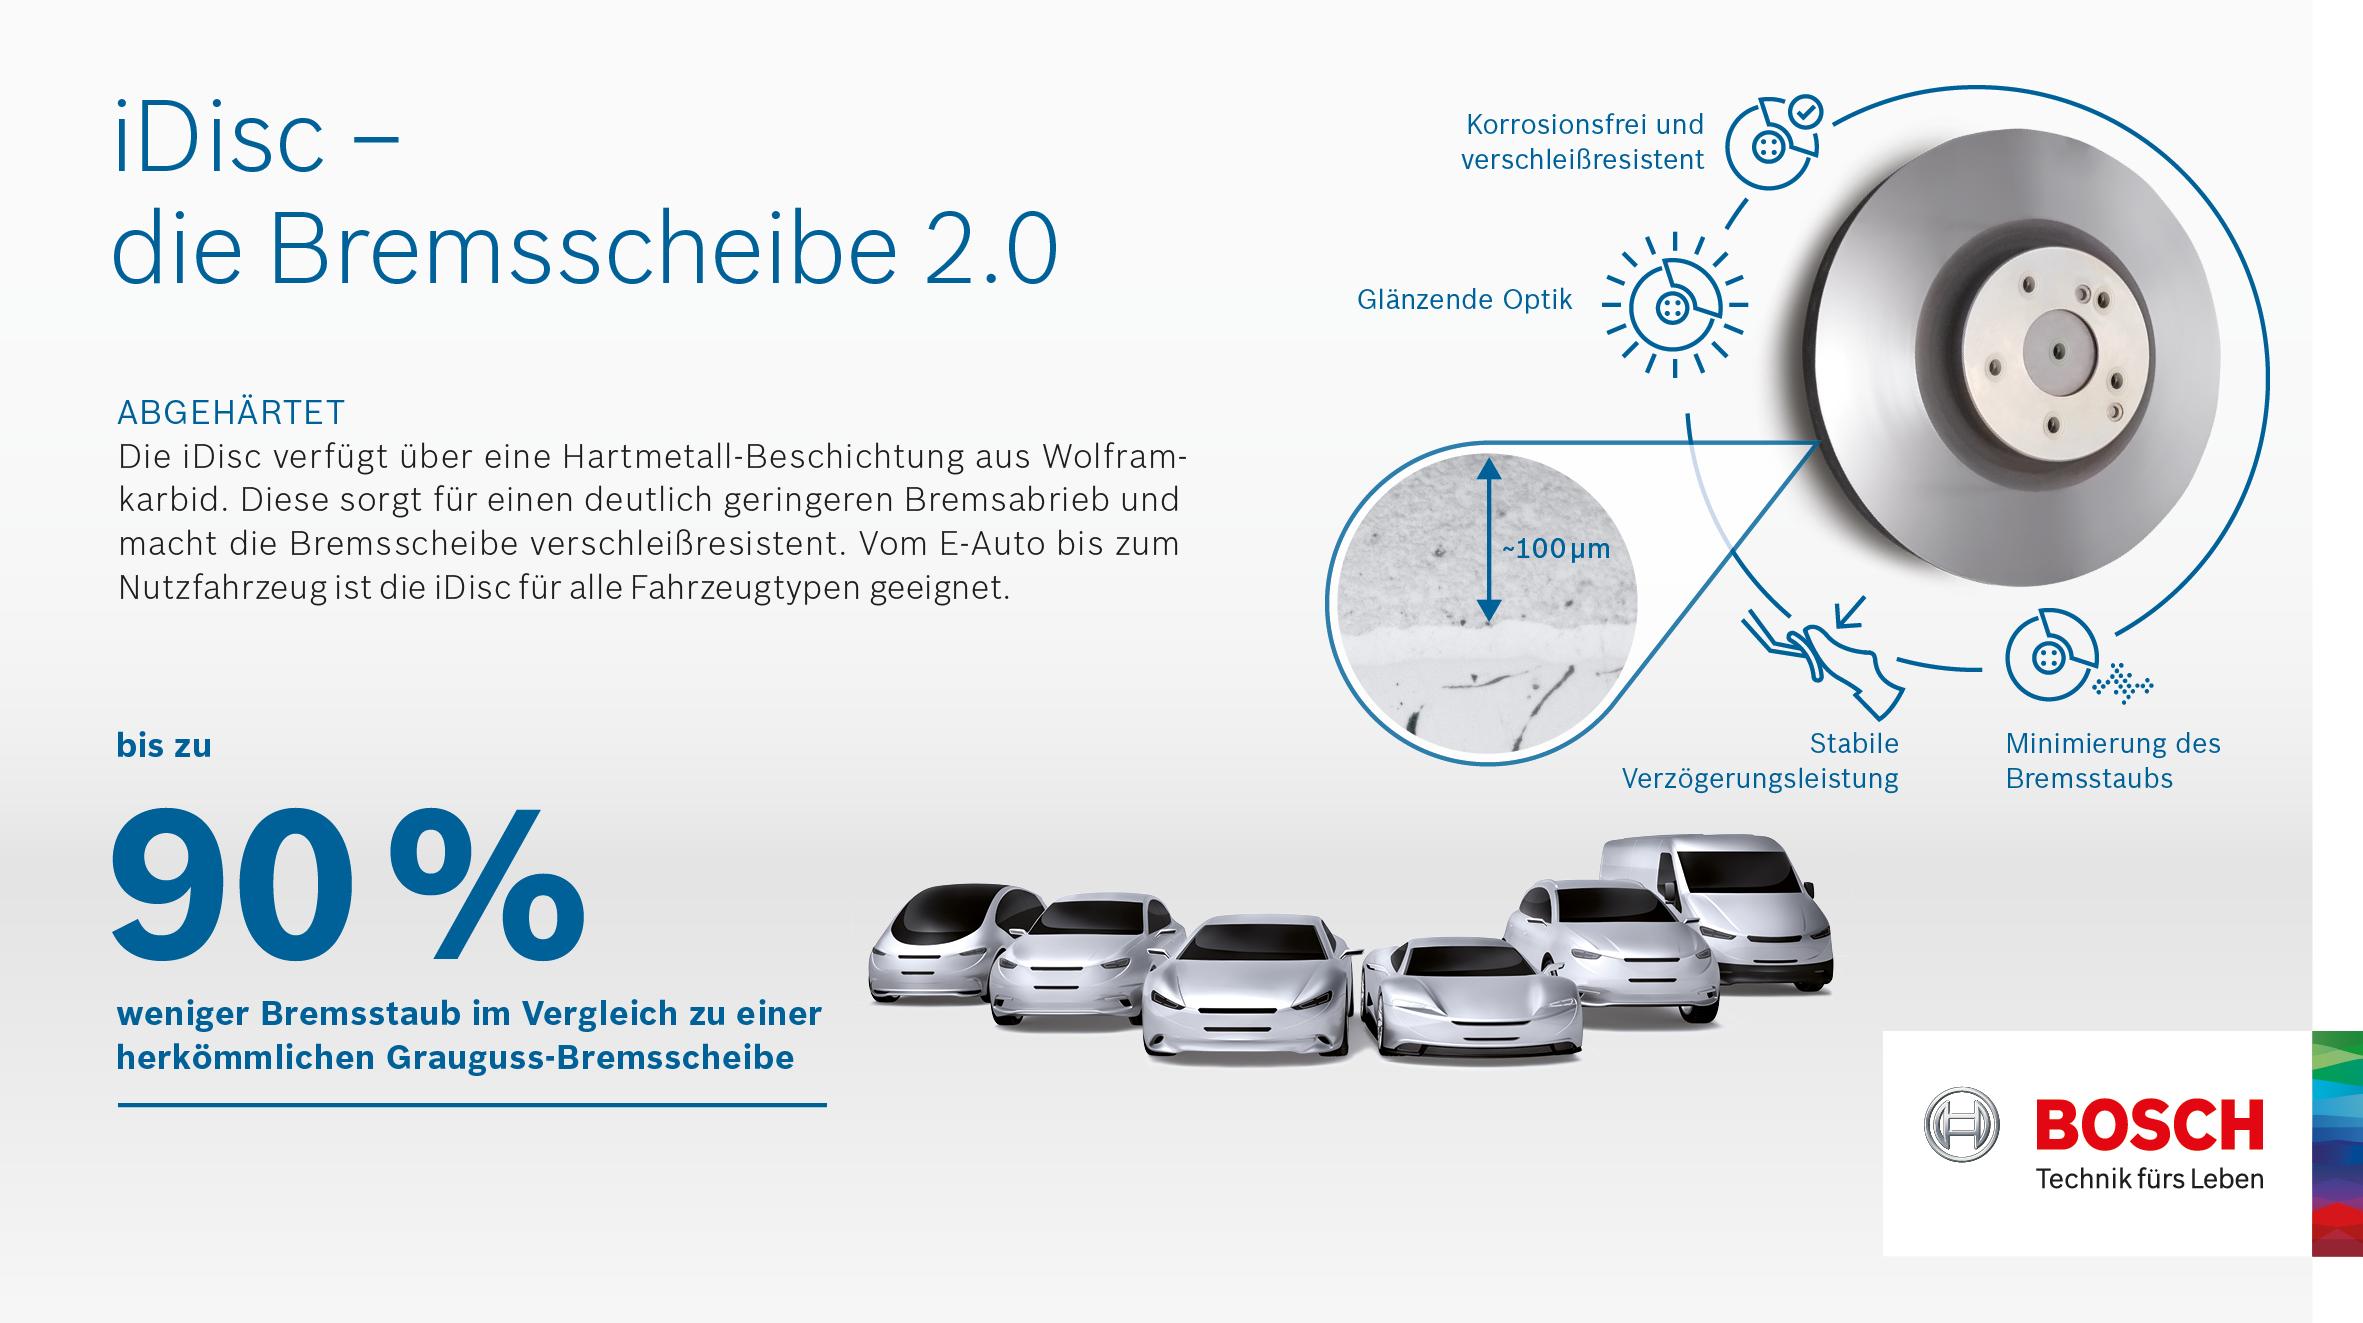 iDisc - die Bremsscheibe 2.0